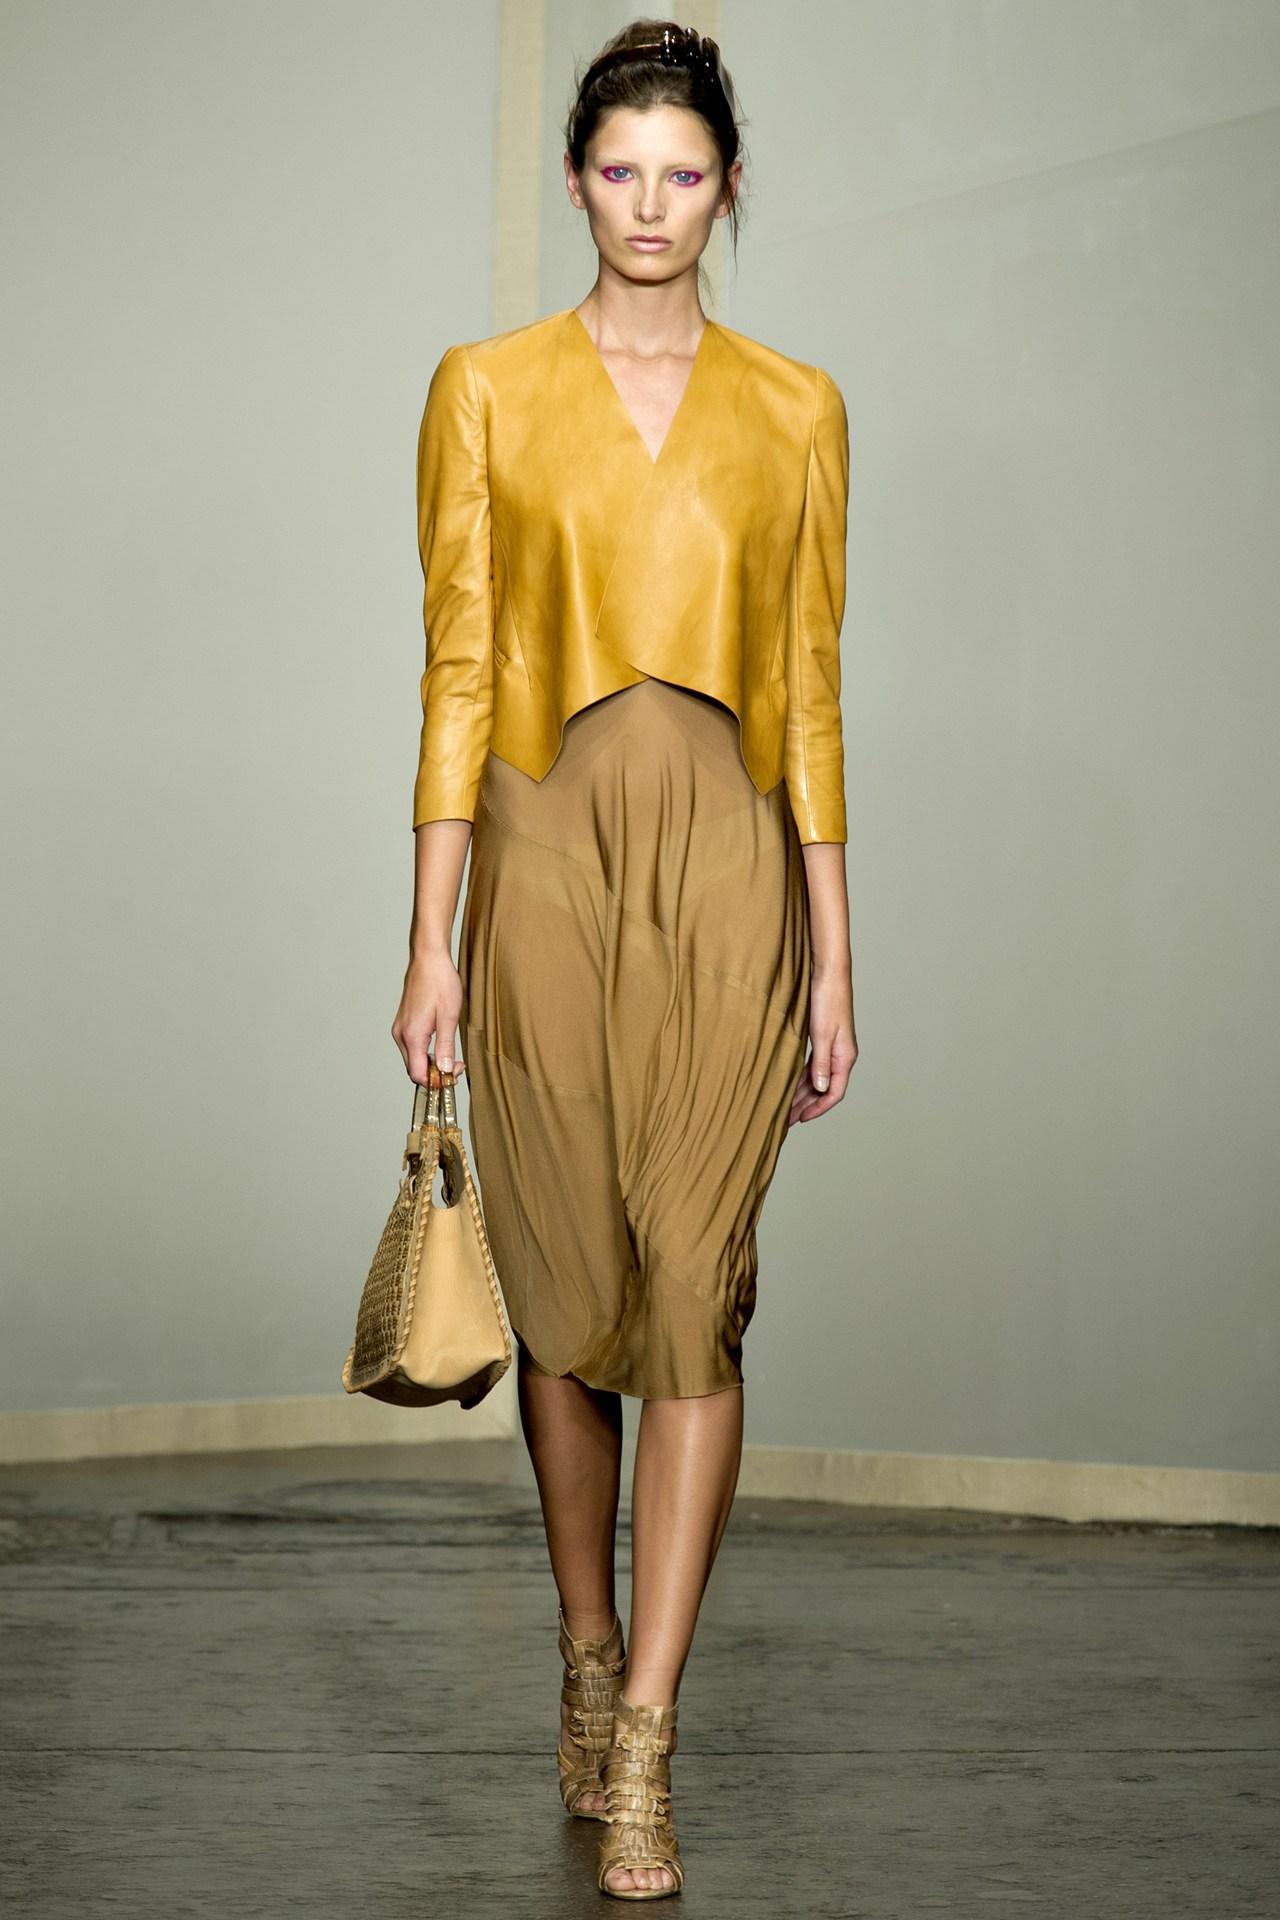 19. donna karan 4 modelsblog.info